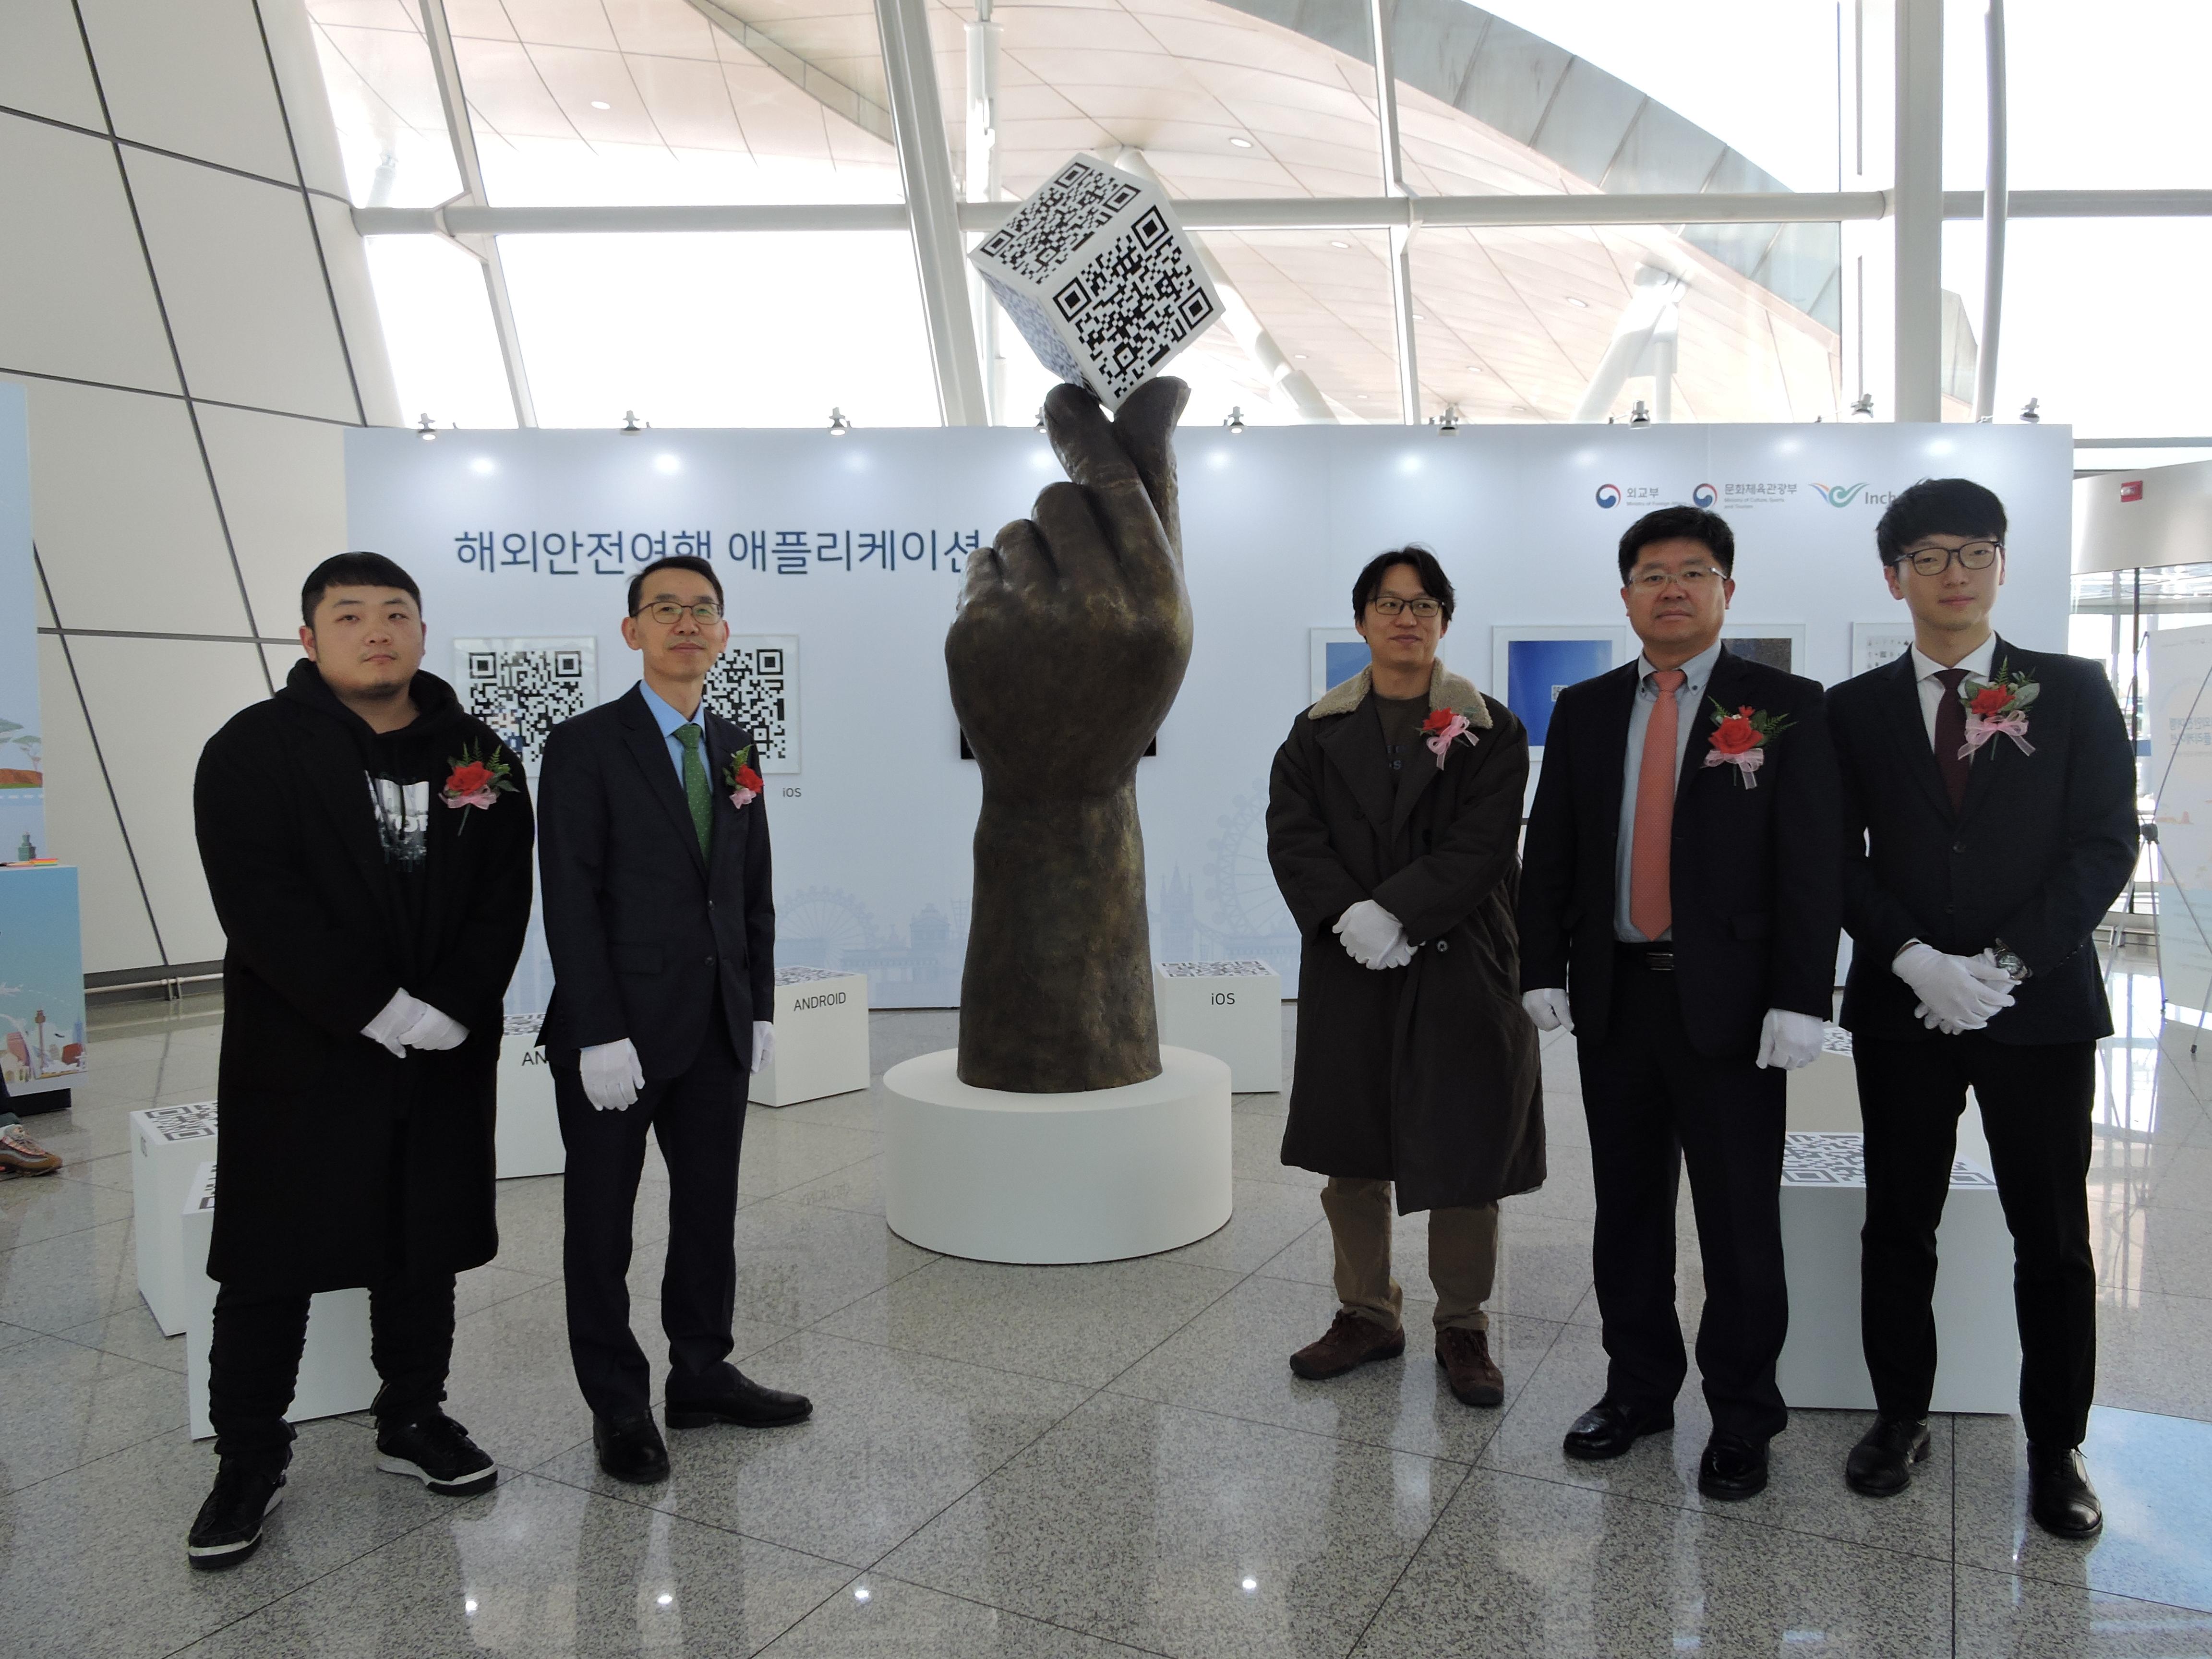 「해외안전여행 애플리케이션 홍보 전시회」개최